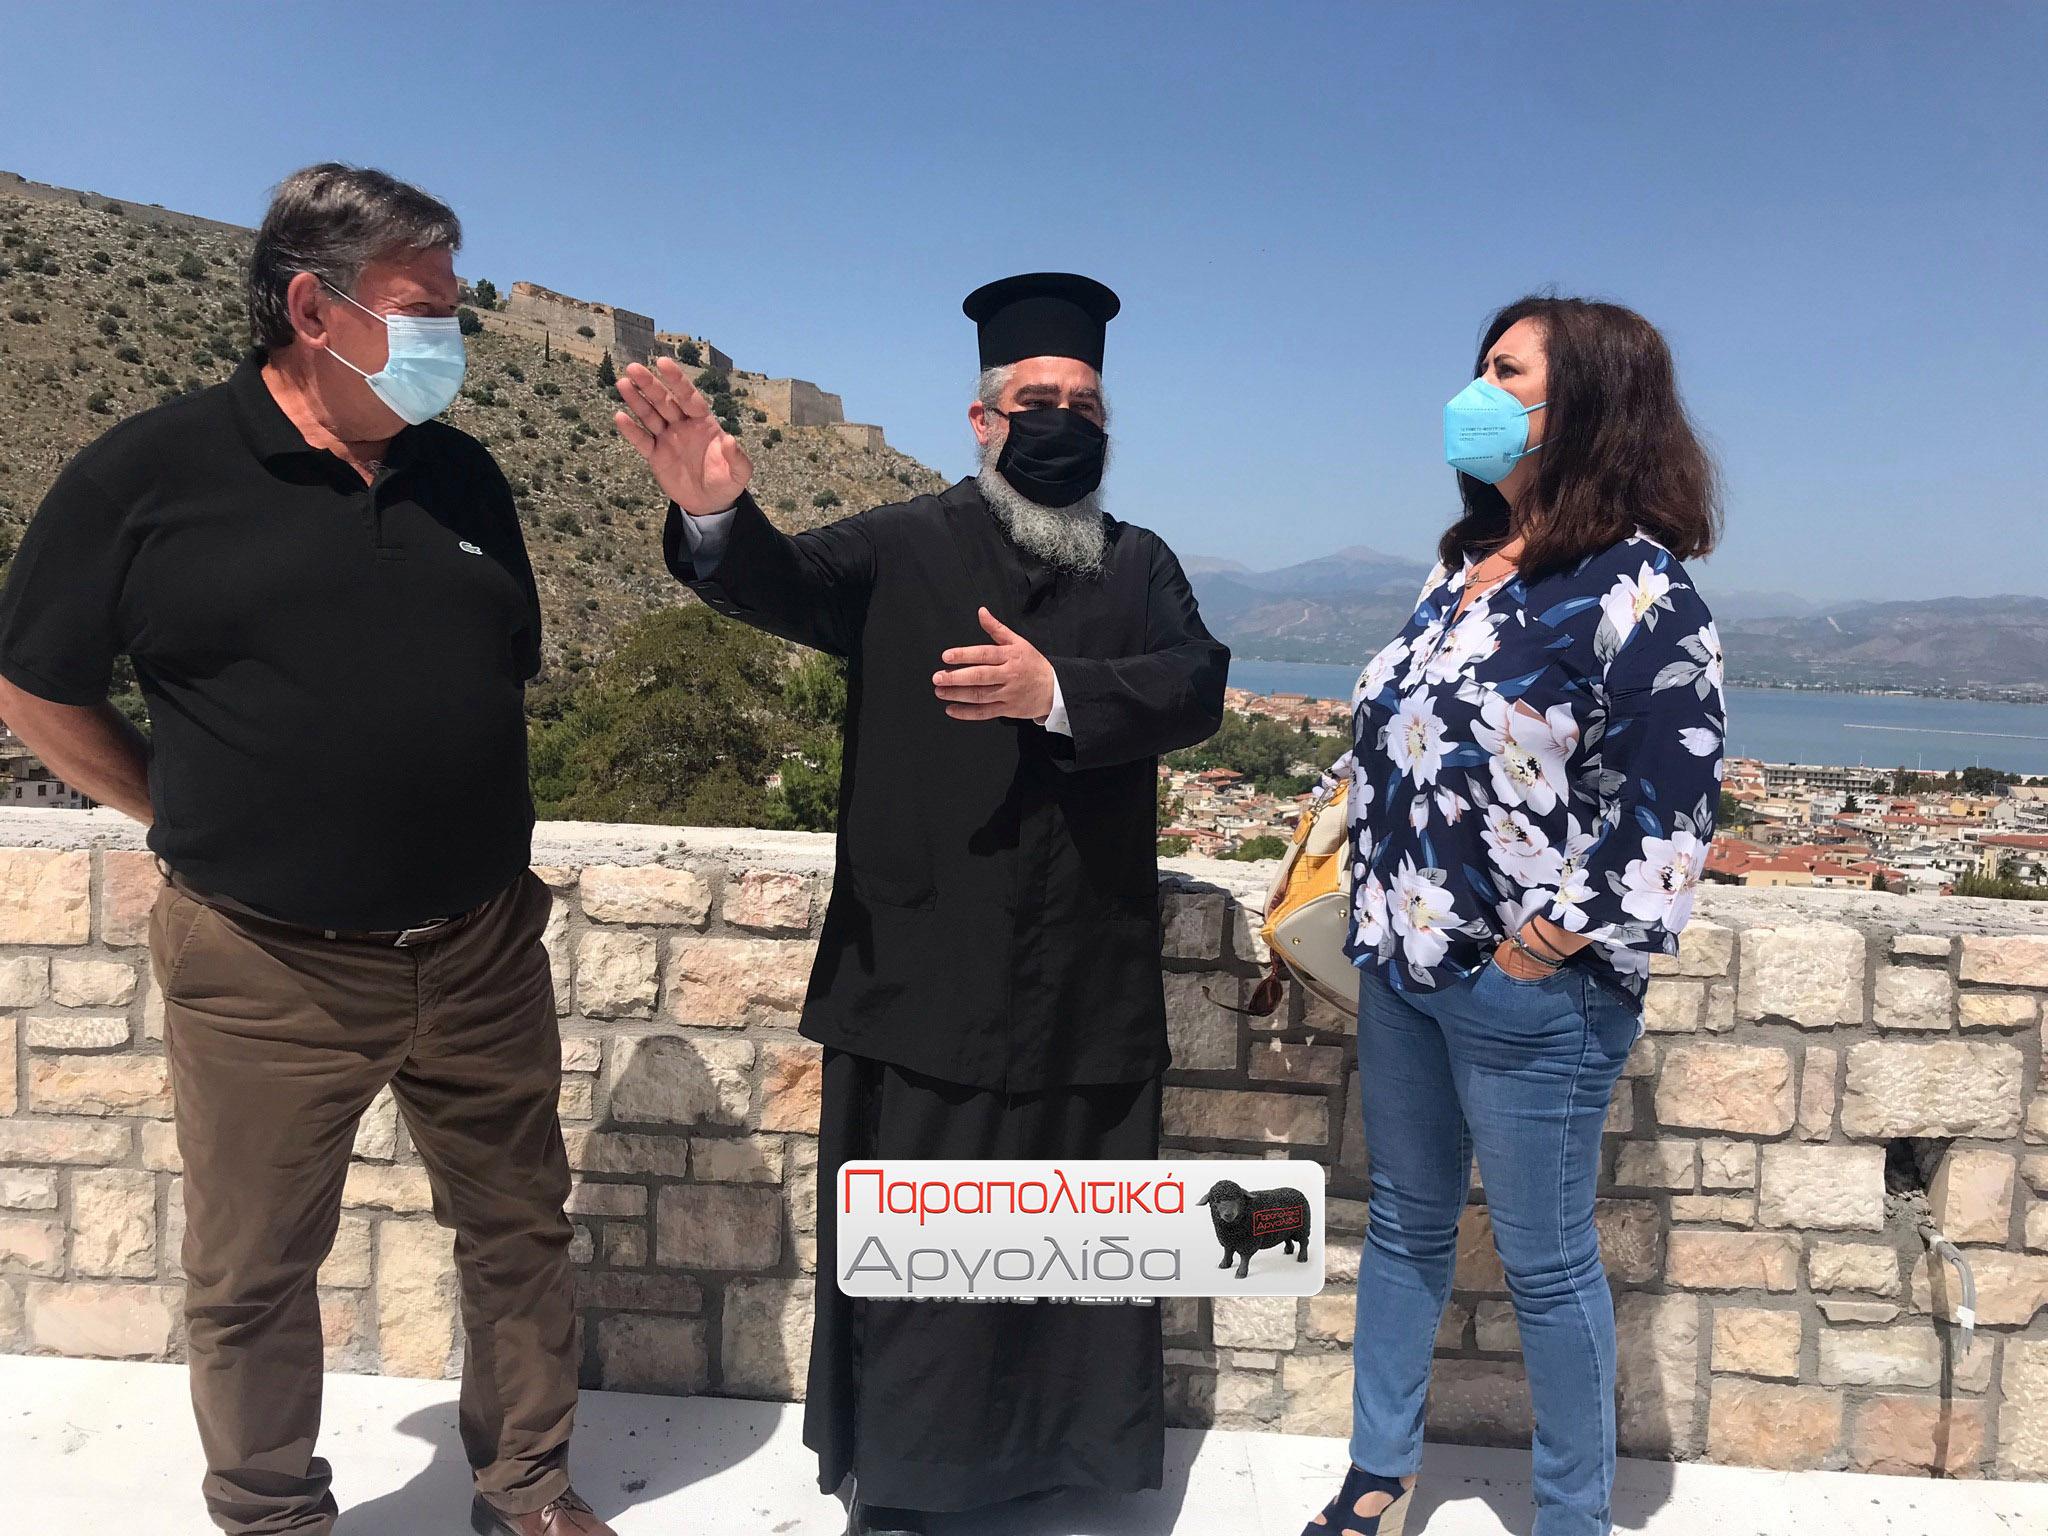 """Ο Π.Τατούλης και η """"επικεφαλής"""" Ντίνα Νικολάκου στην Αργολίδα"""